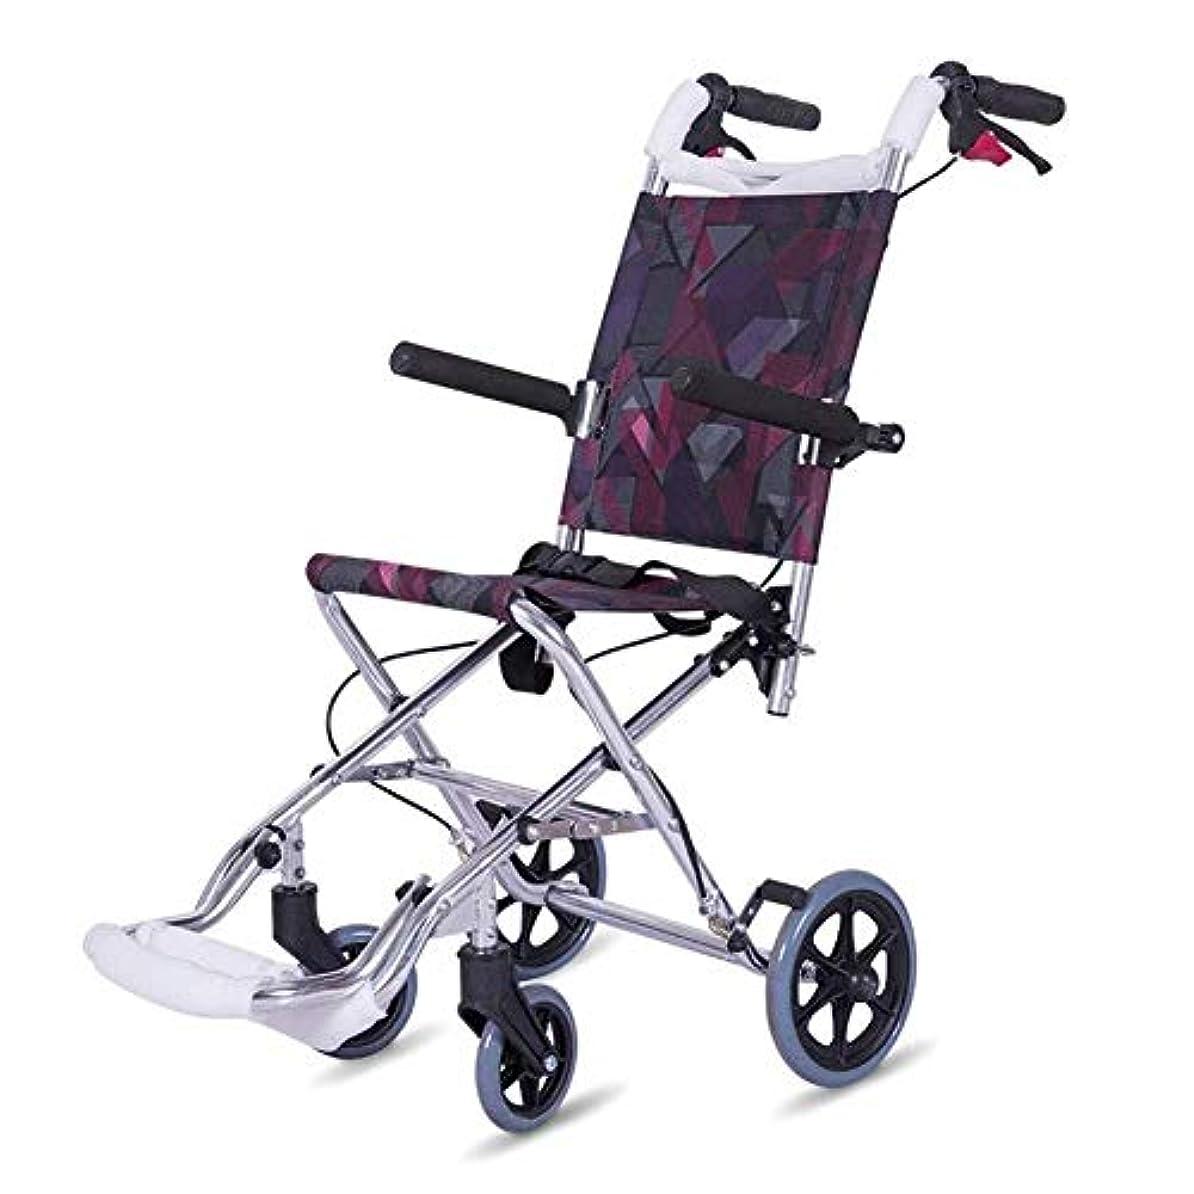 ソース影響力のあるみすぼらしいアルミ合金超軽量ポータブル子供車椅子